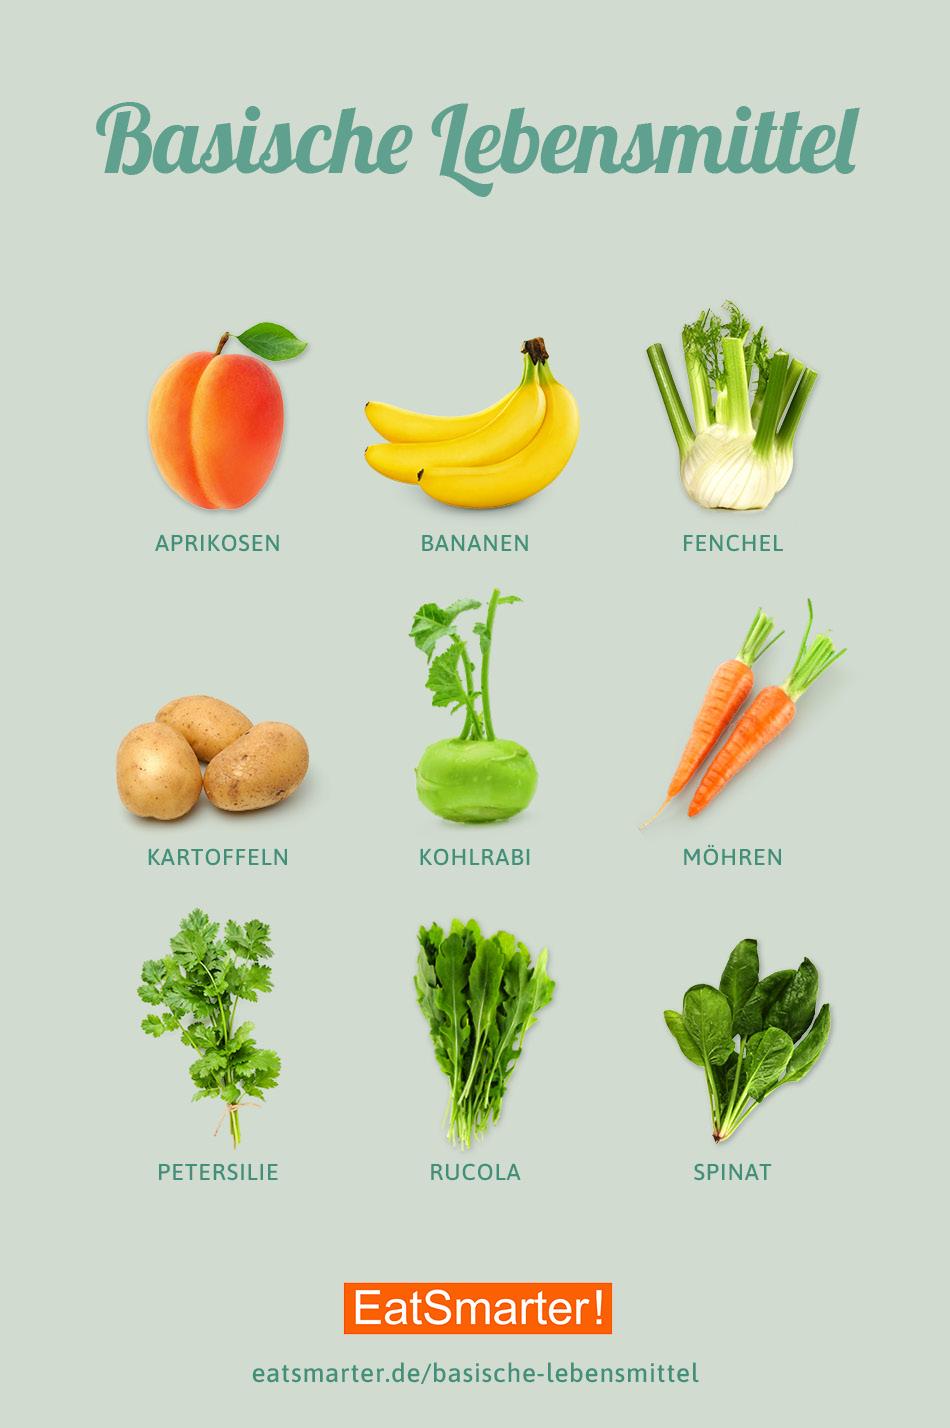 Basische Lebensmittel: Die Top 8  EAT SMARTER